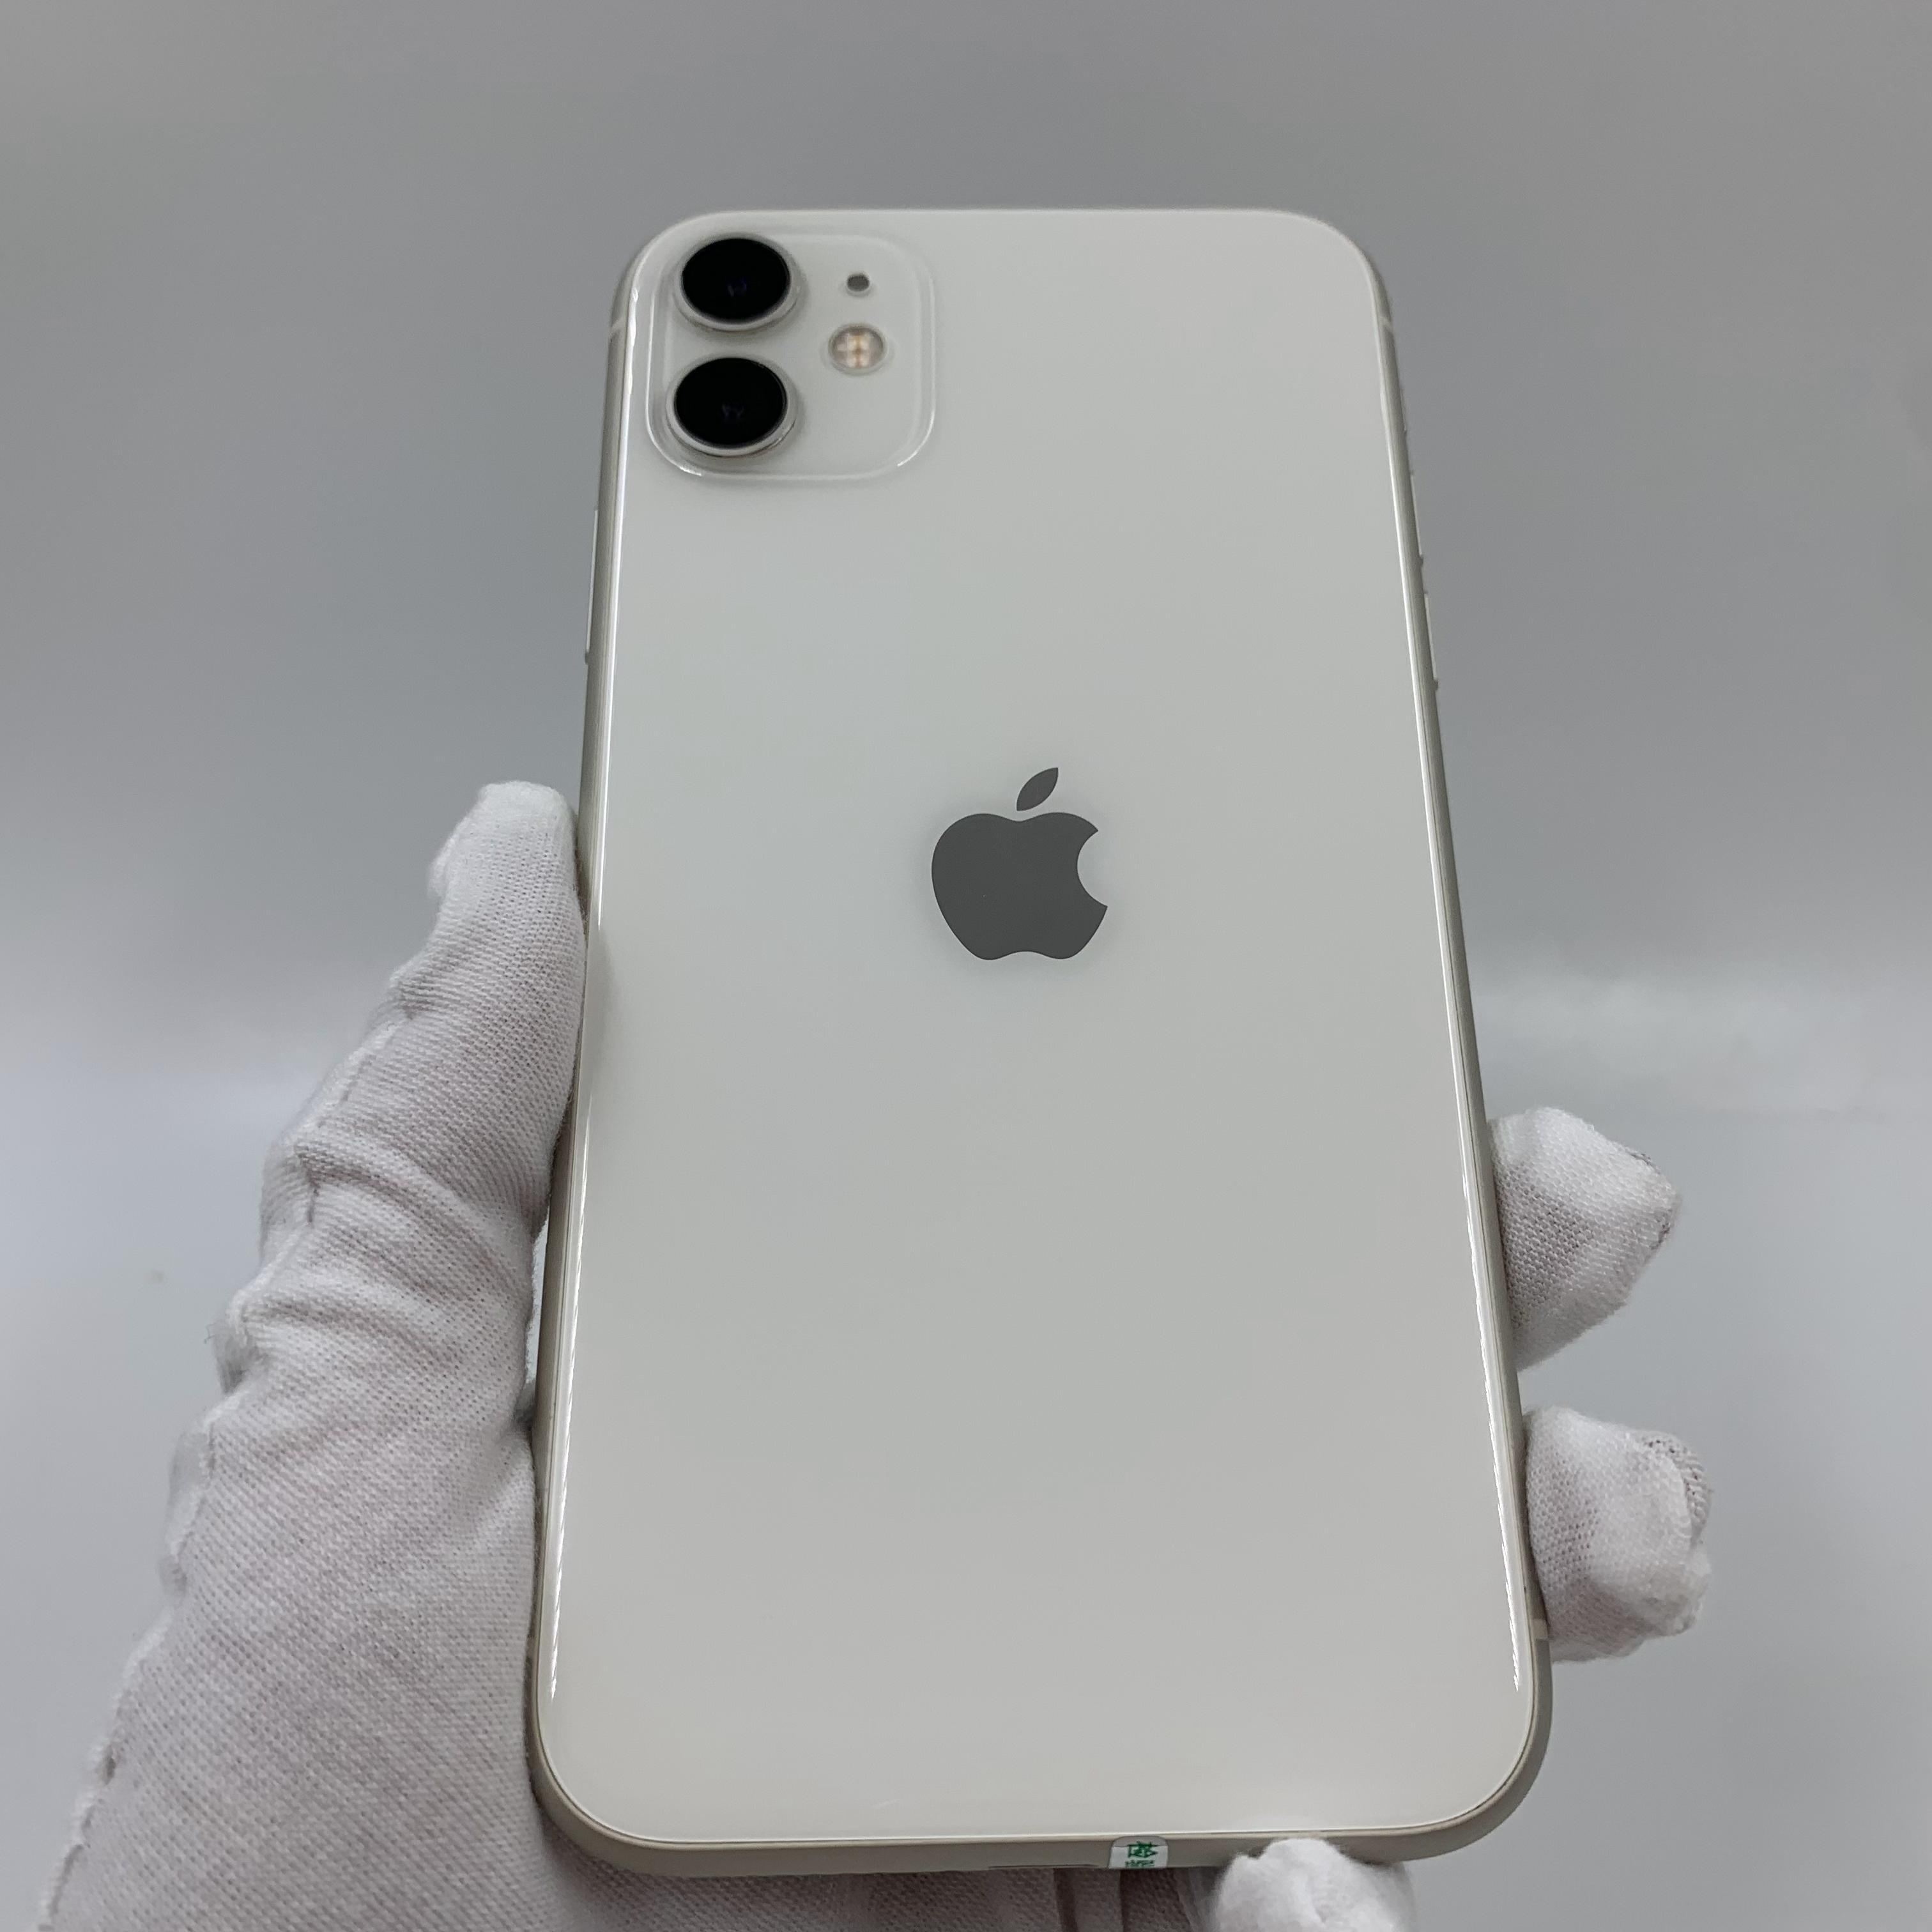 苹果【iPhone 11】4G全网通 白色 128G 国行 99新 真机实拍